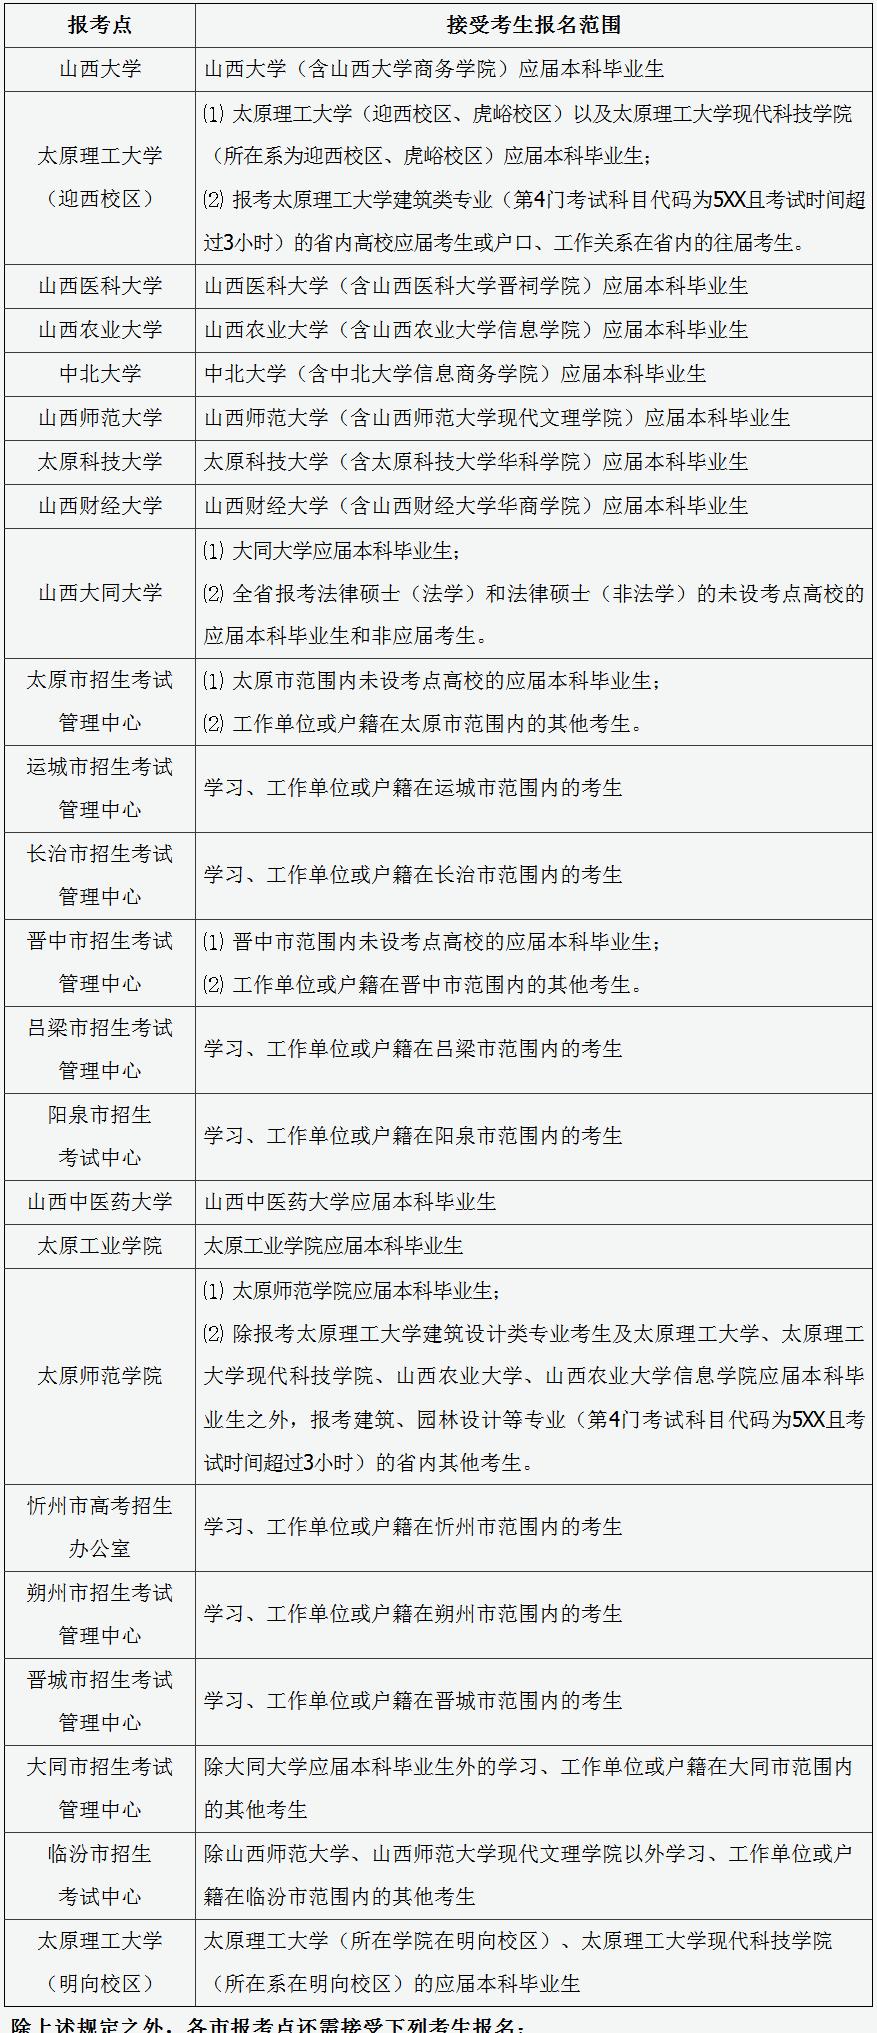 2020年湖北省硕士研究生考试网上报名须知